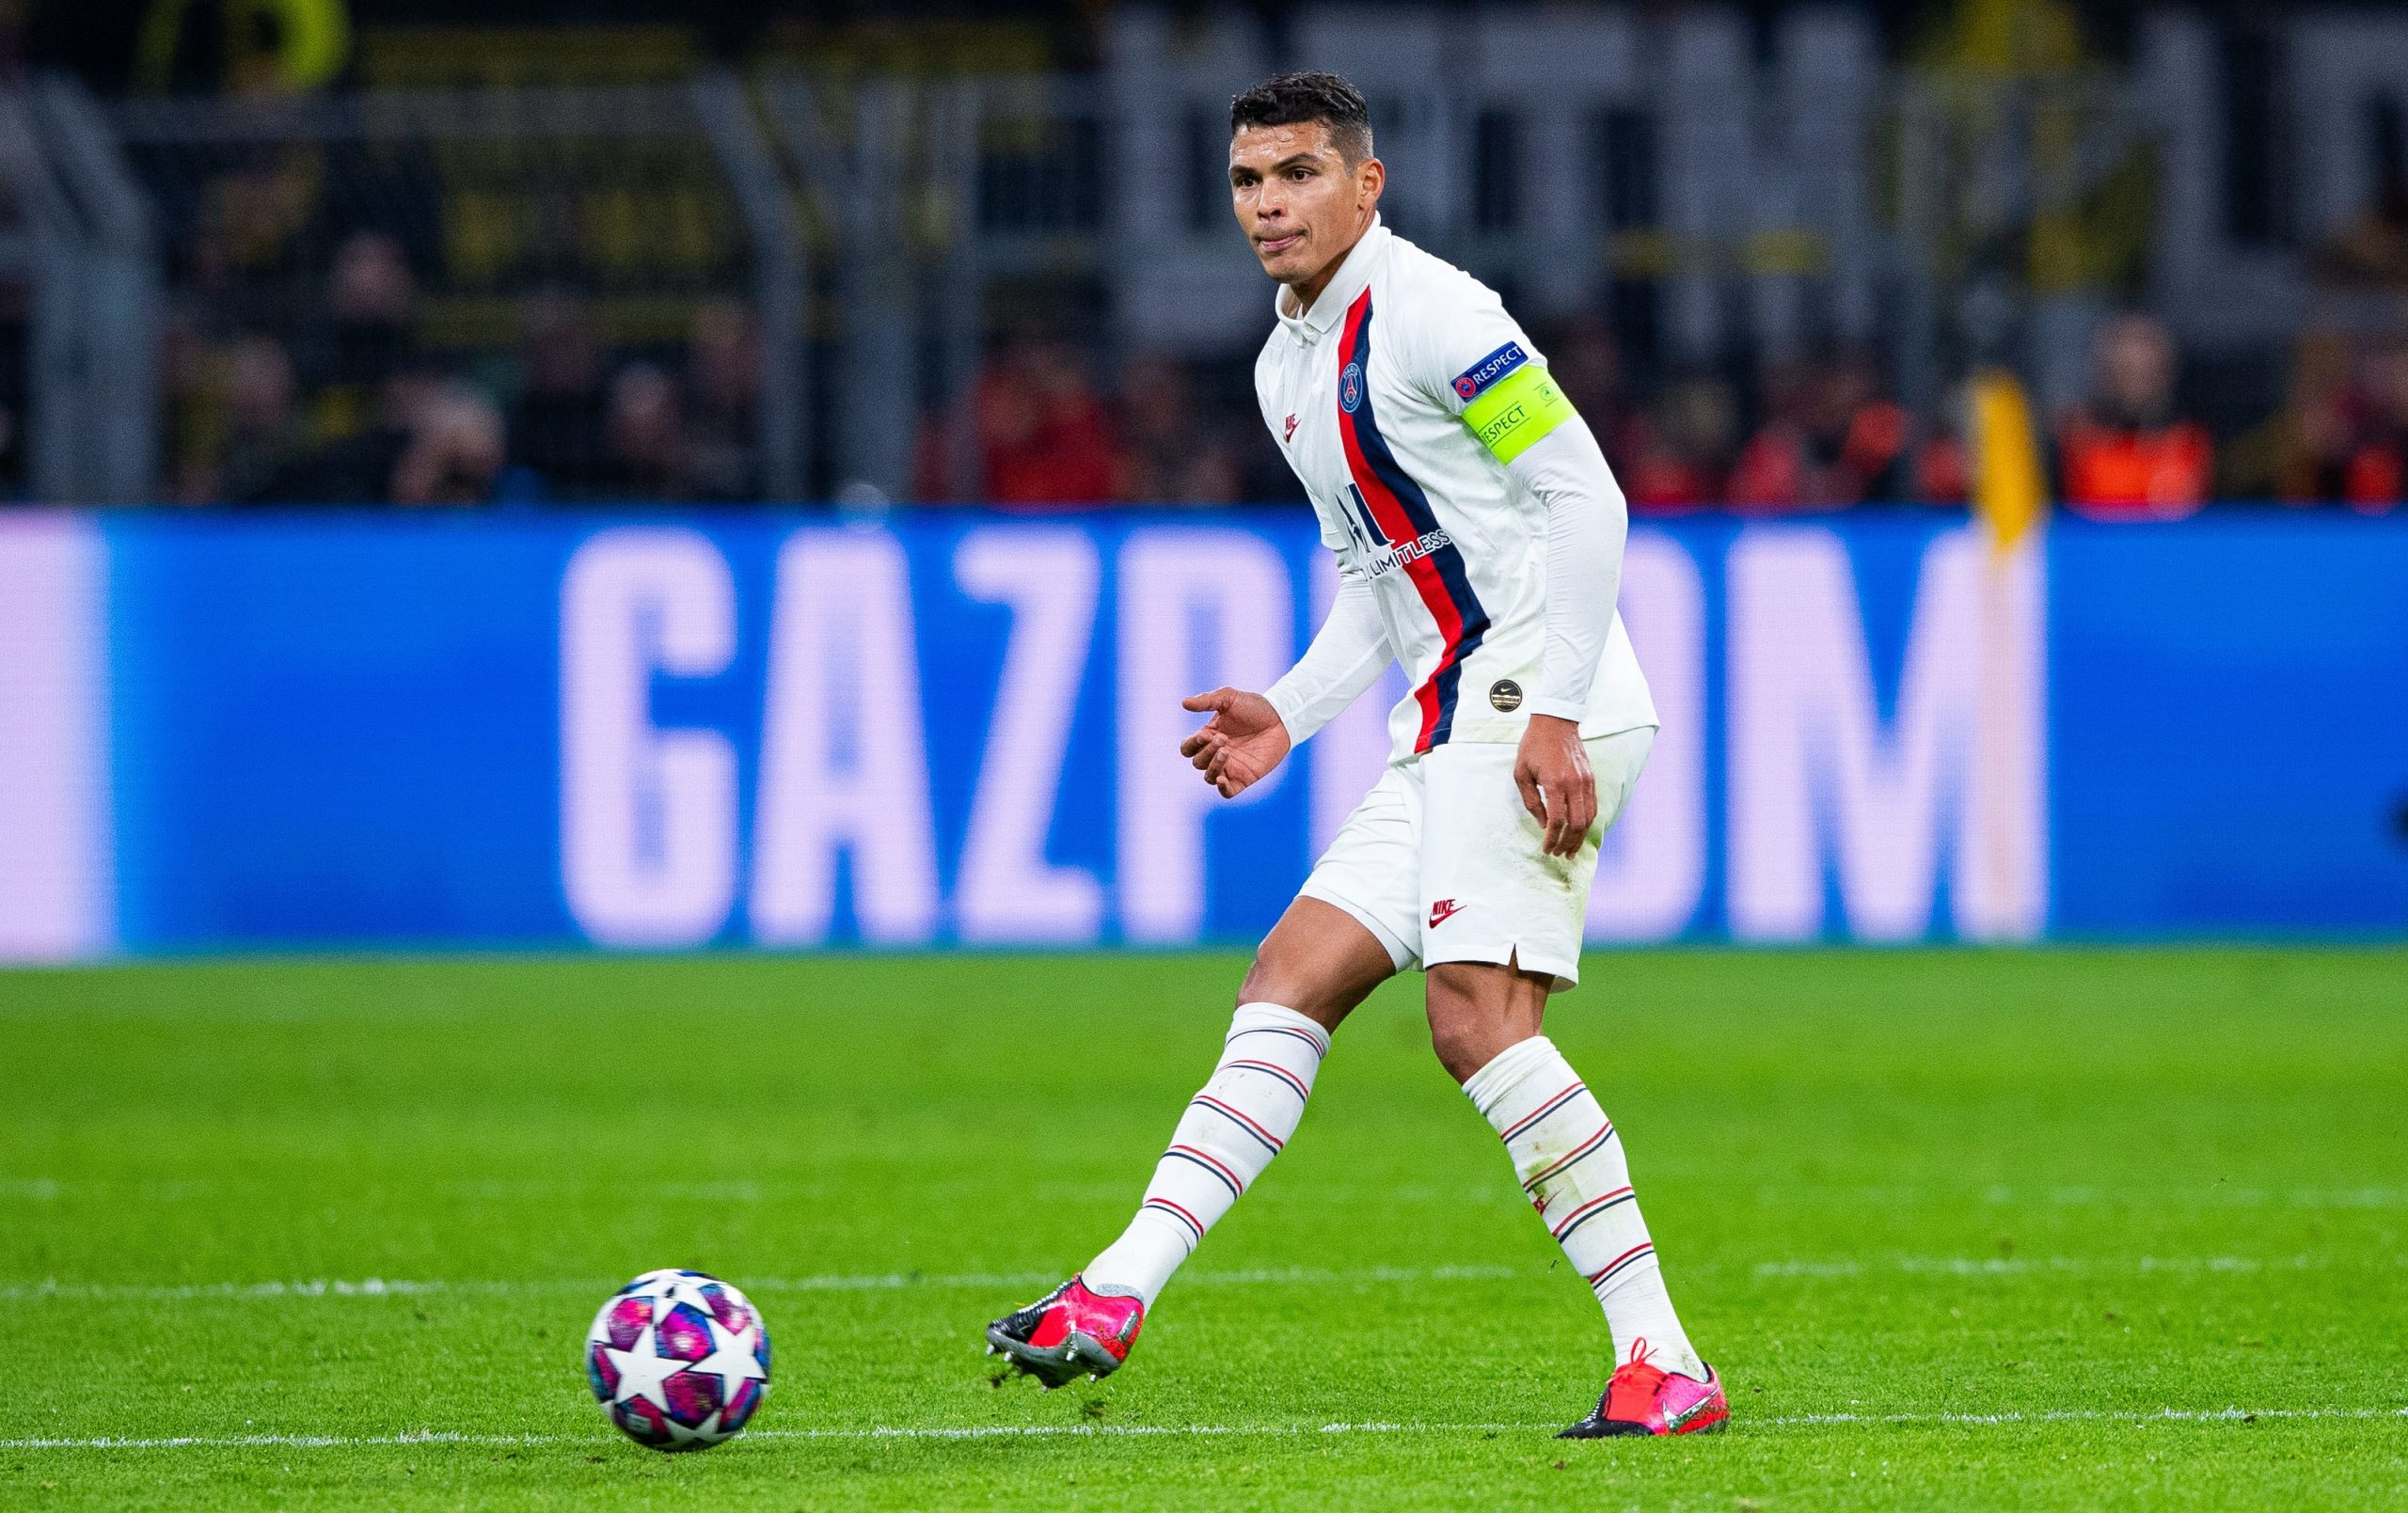 Thiago Silva dans le top 5 des défenseurs européens cette saison d'après les statistiques